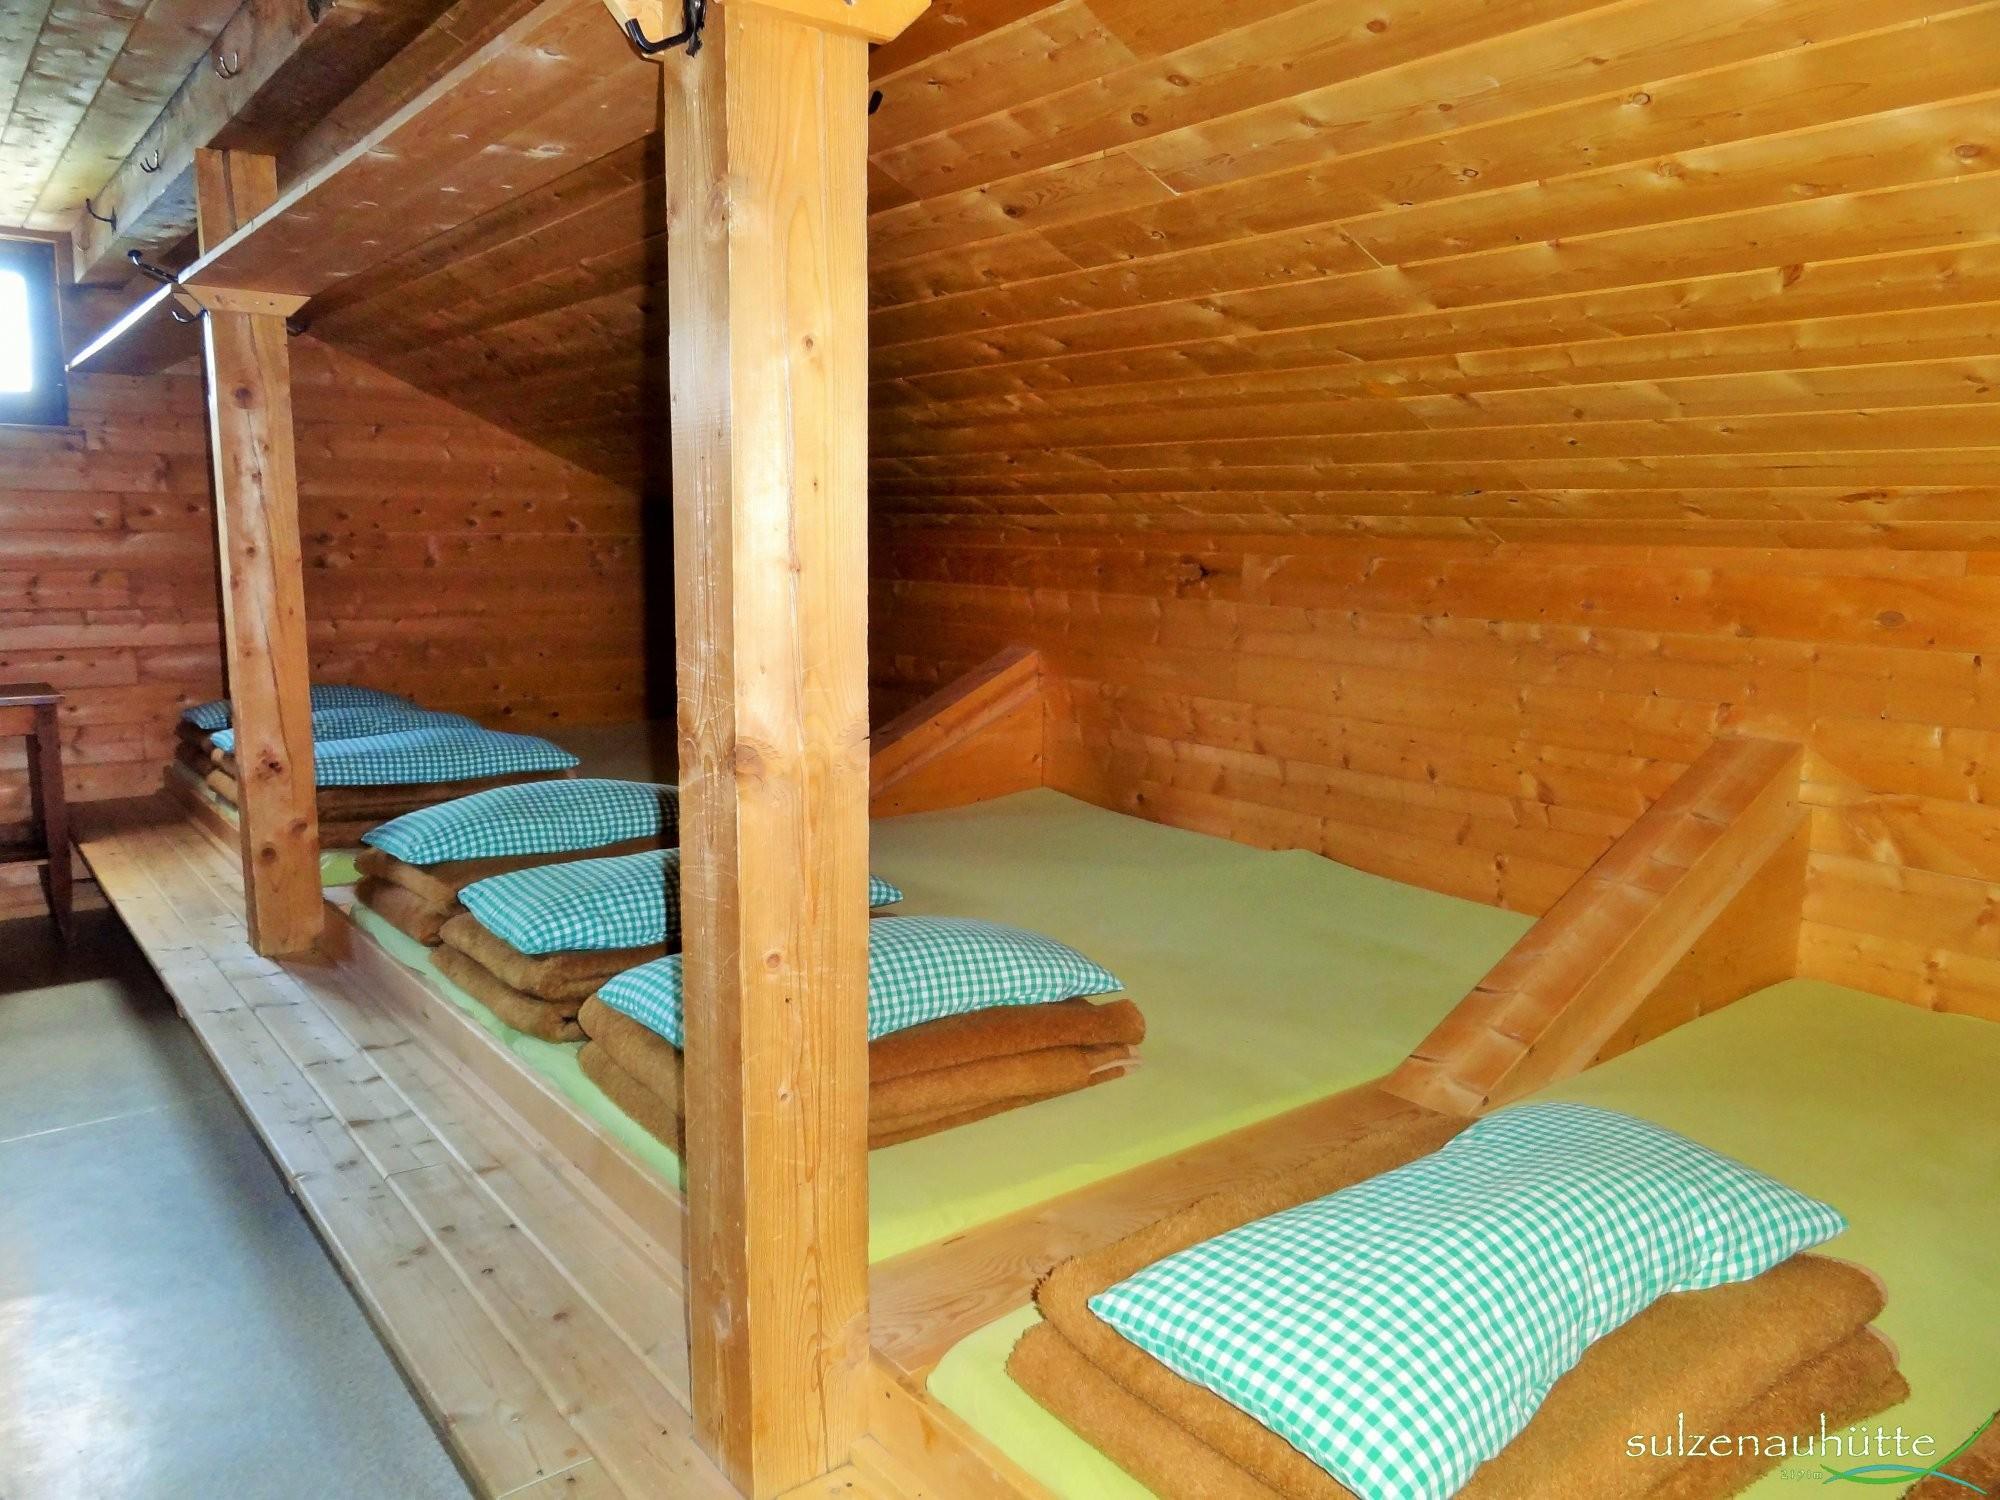 Matratzenlager hütte  Zimmer Pension & Preise - Sulzenauhütte 2191m